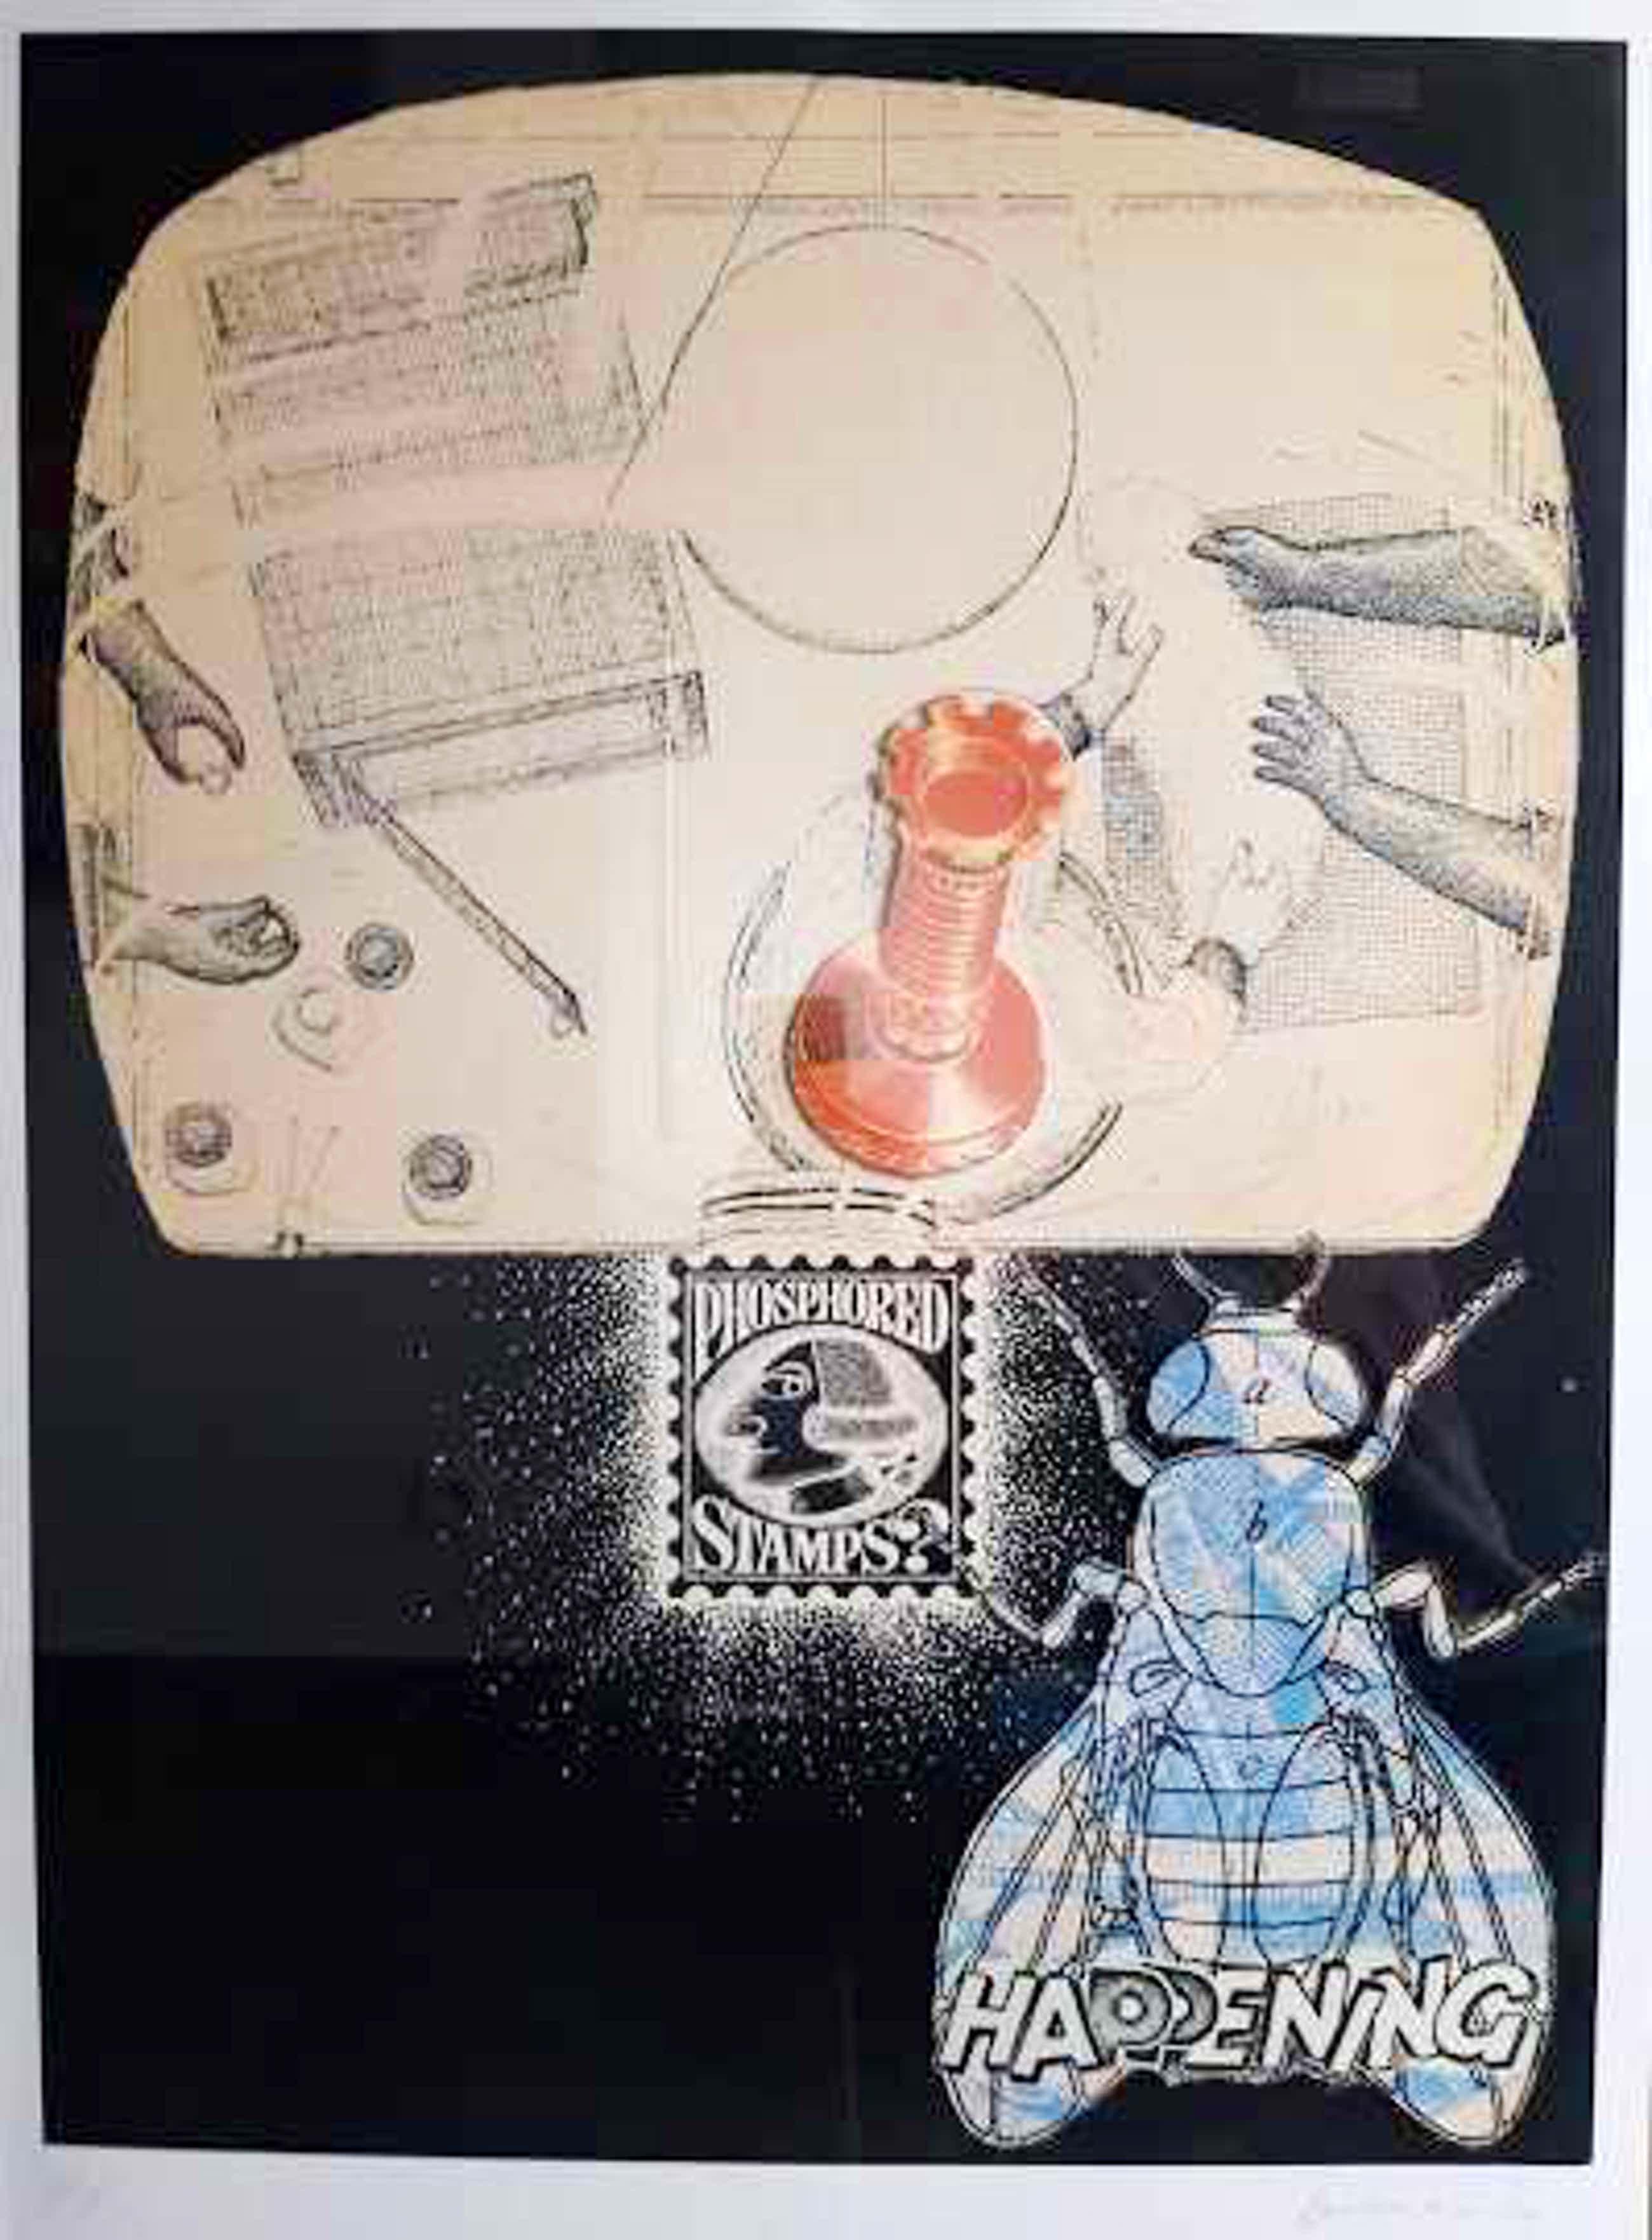 Panamarenko - Phosphored stamps, litho en collage, genummerd en ingelijst kopen? Bied vanaf 850!